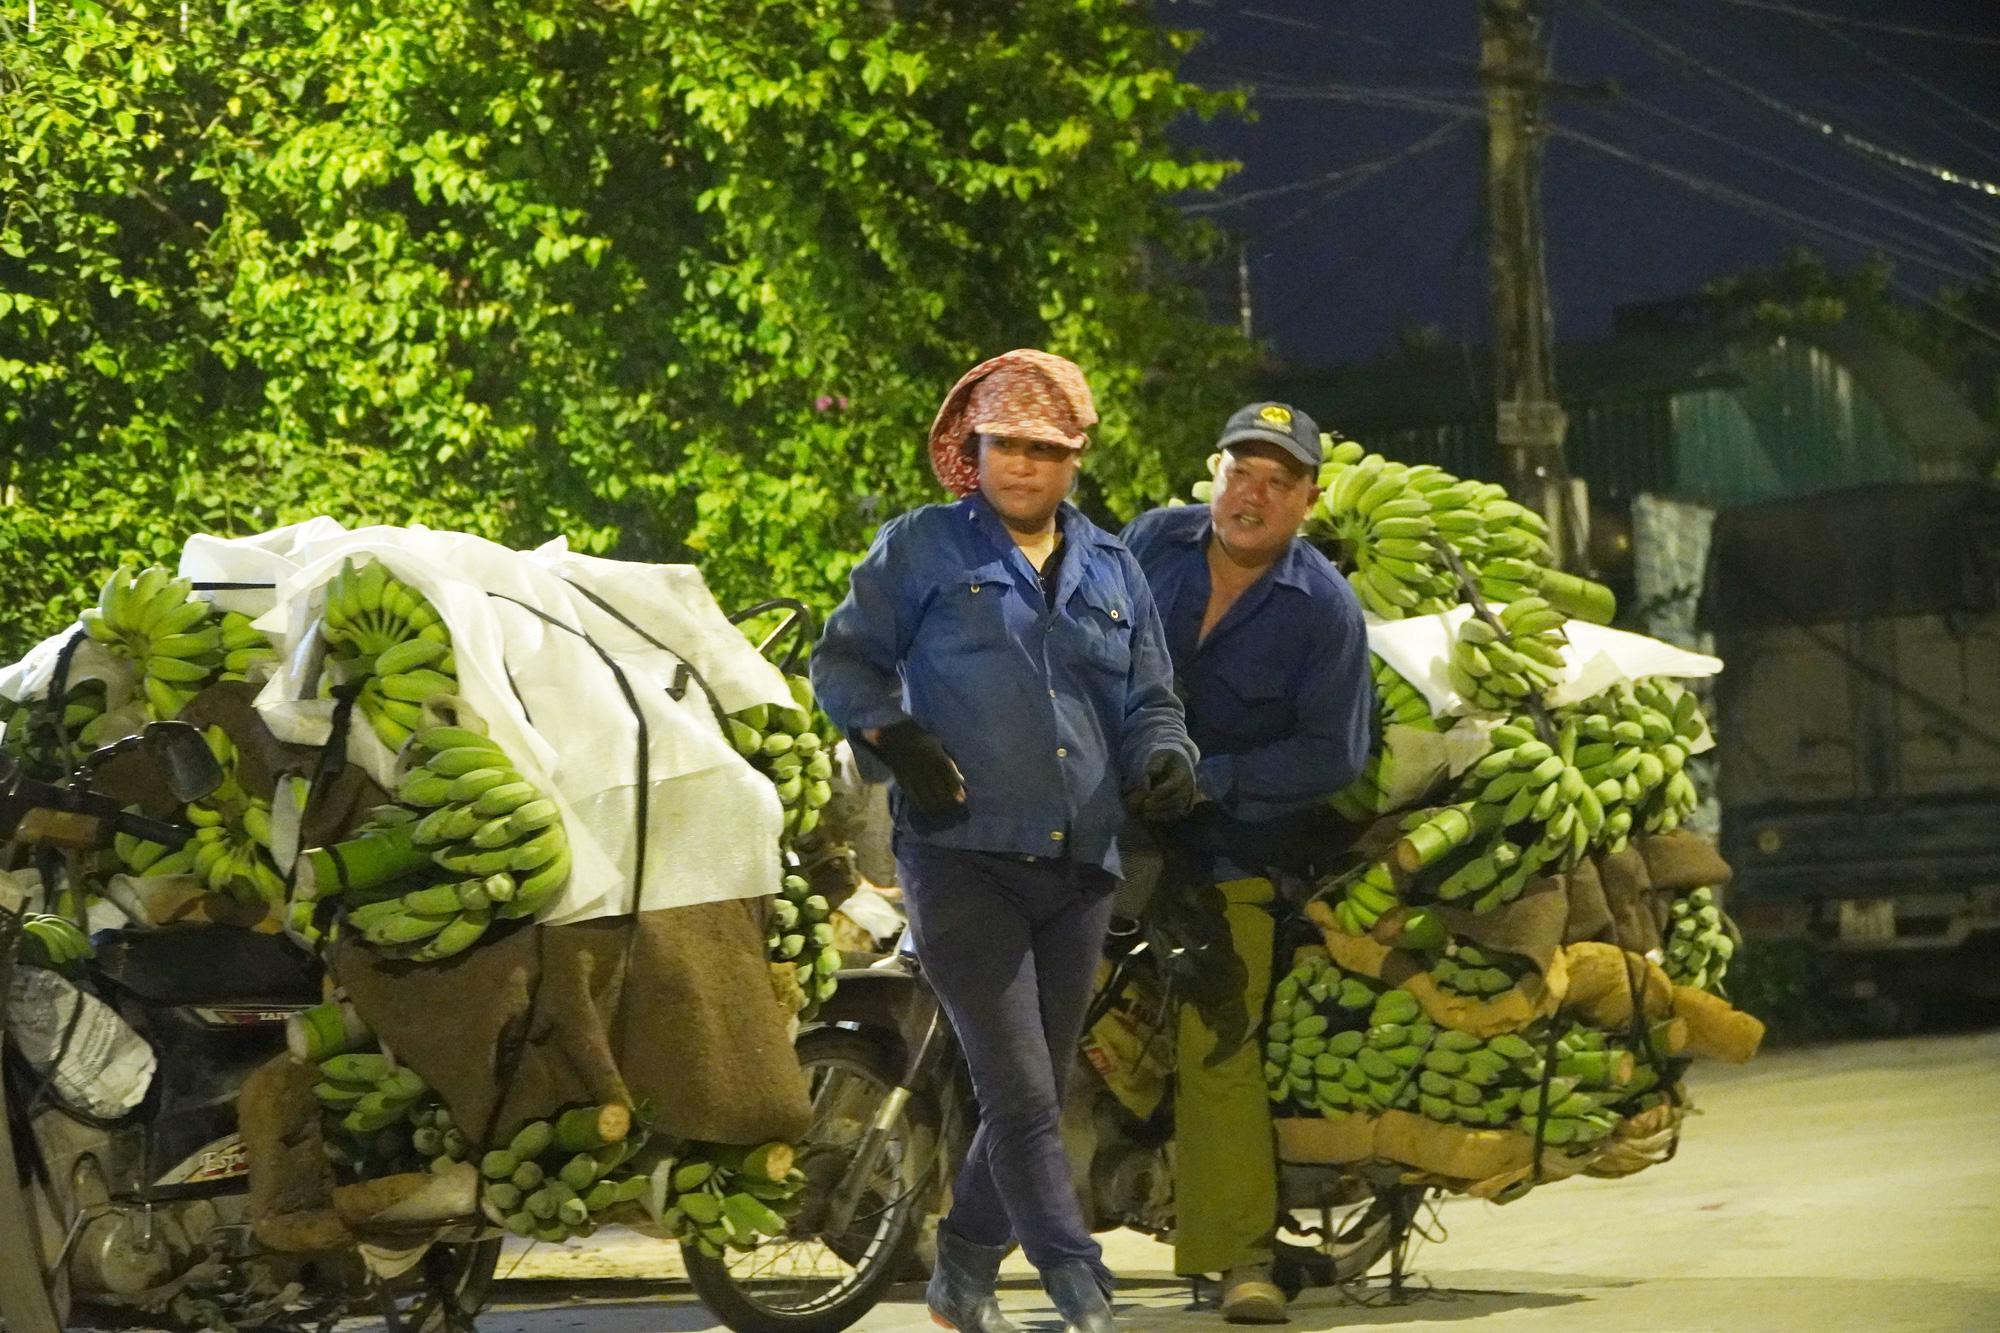 """Hứng chịu """"thảm họa kép"""", người trồng chuối Hưng Yên đau quặn lòng: """"Thương lắm, chuối ơi!"""" - Ảnh 10."""